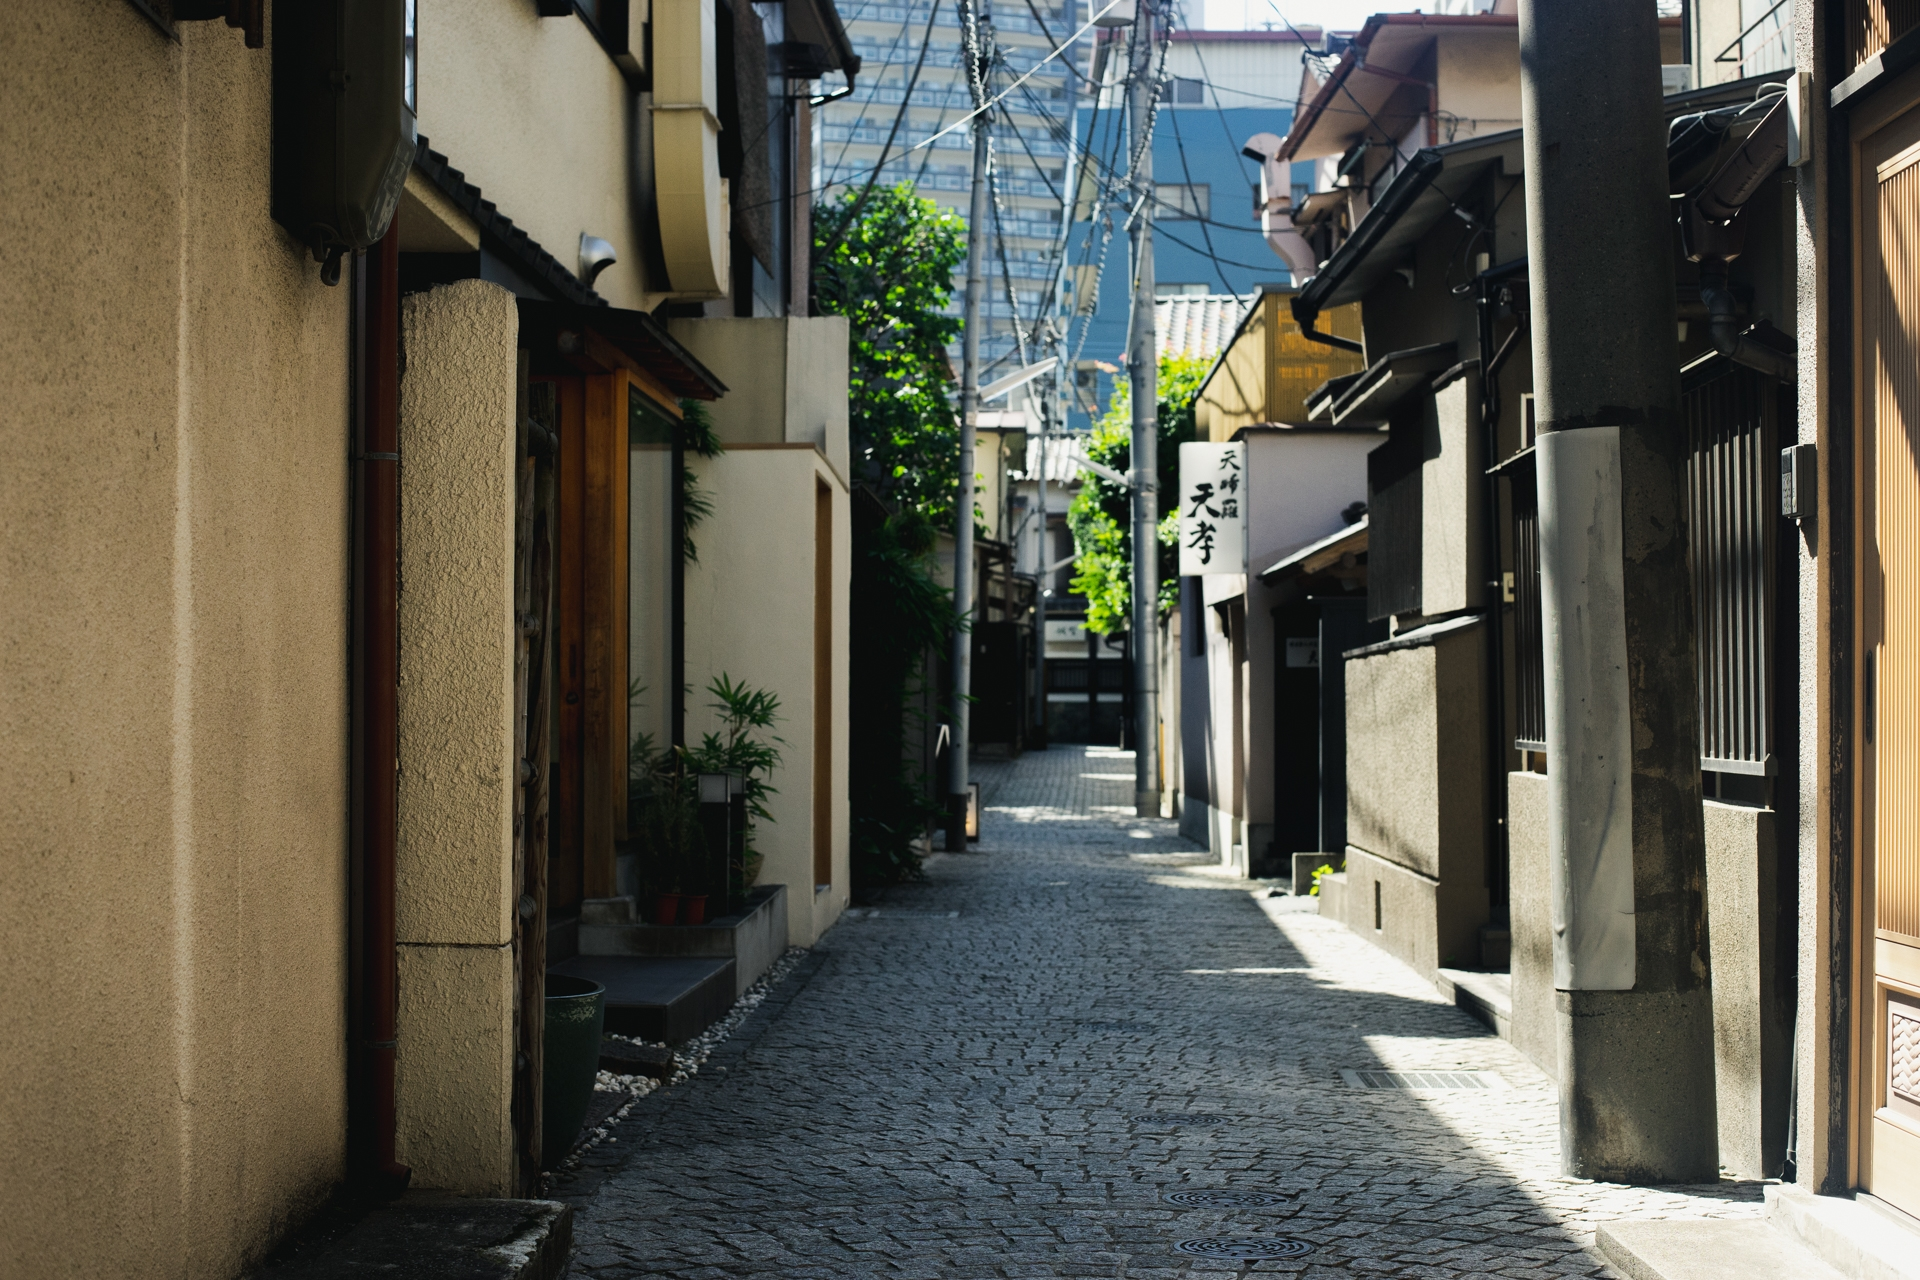 kagurazawa tokyo